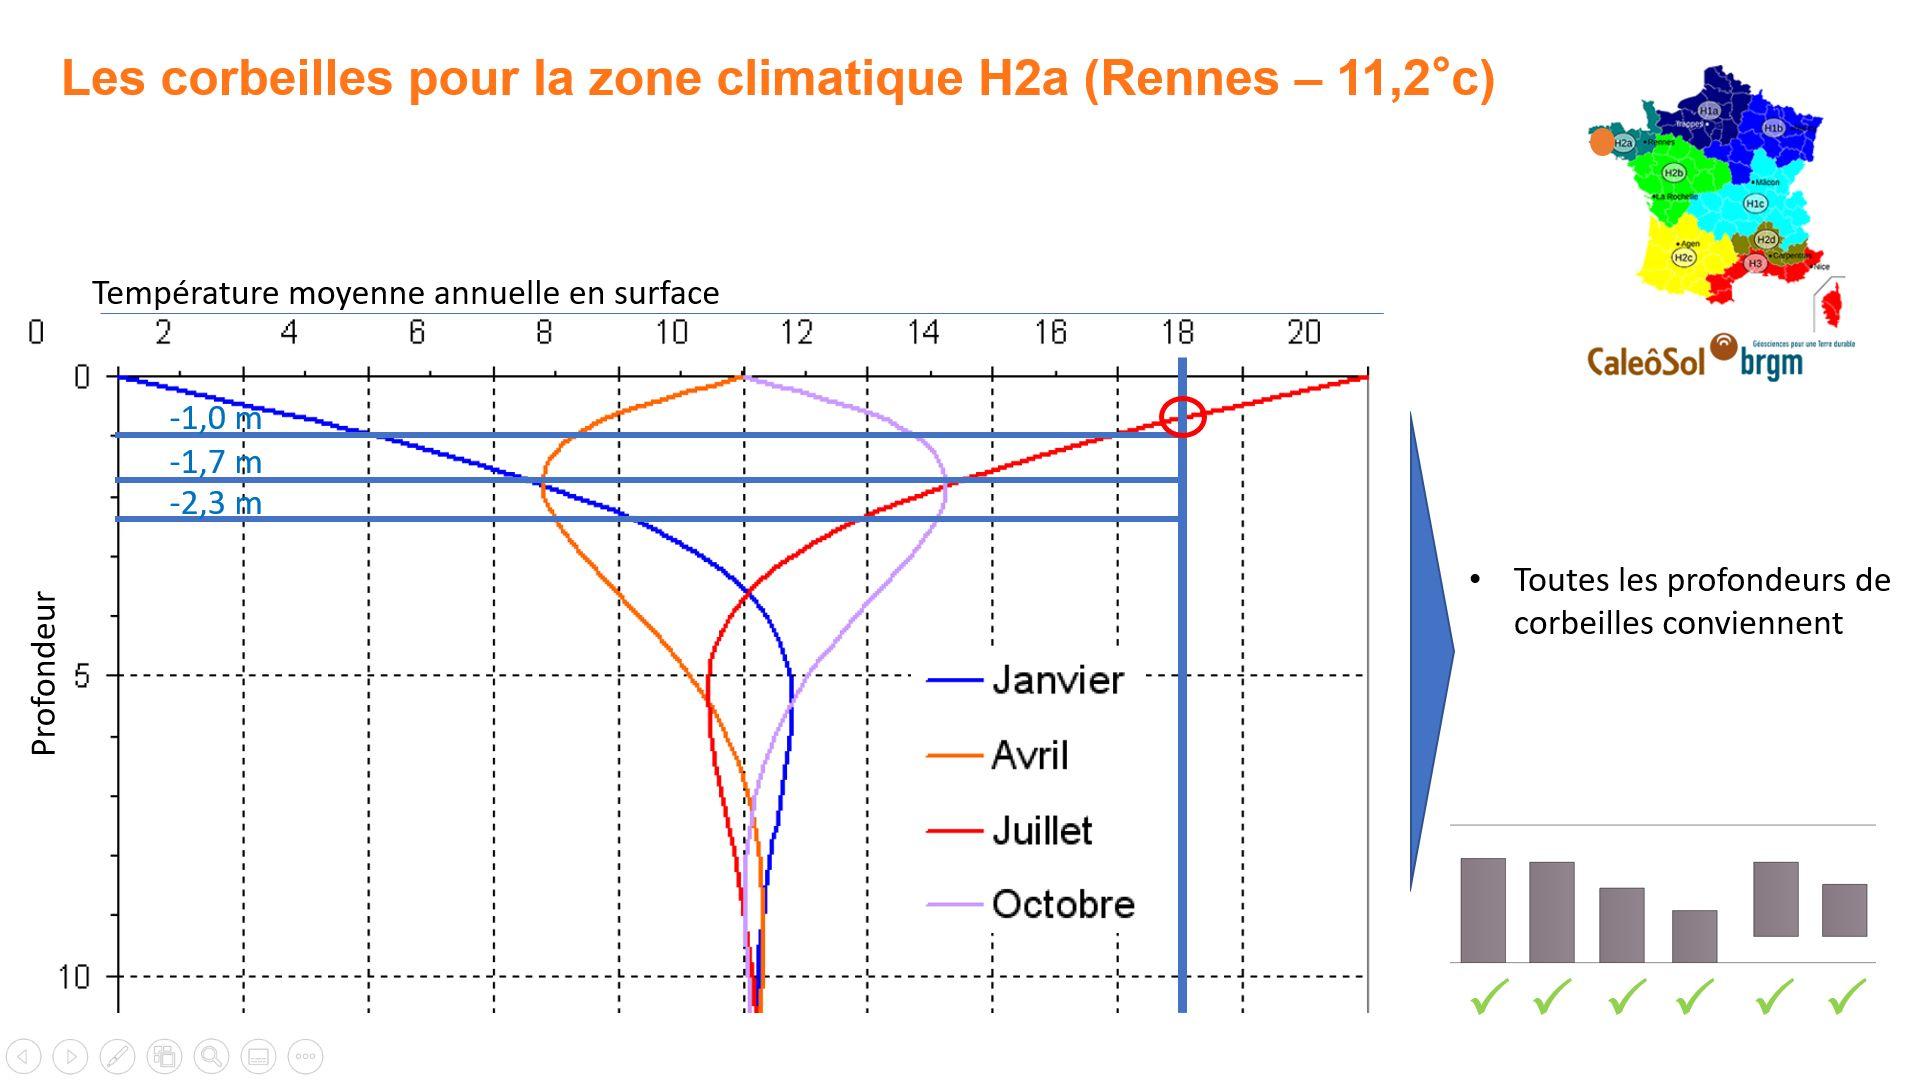 Corbeille géothermique en zone H2a